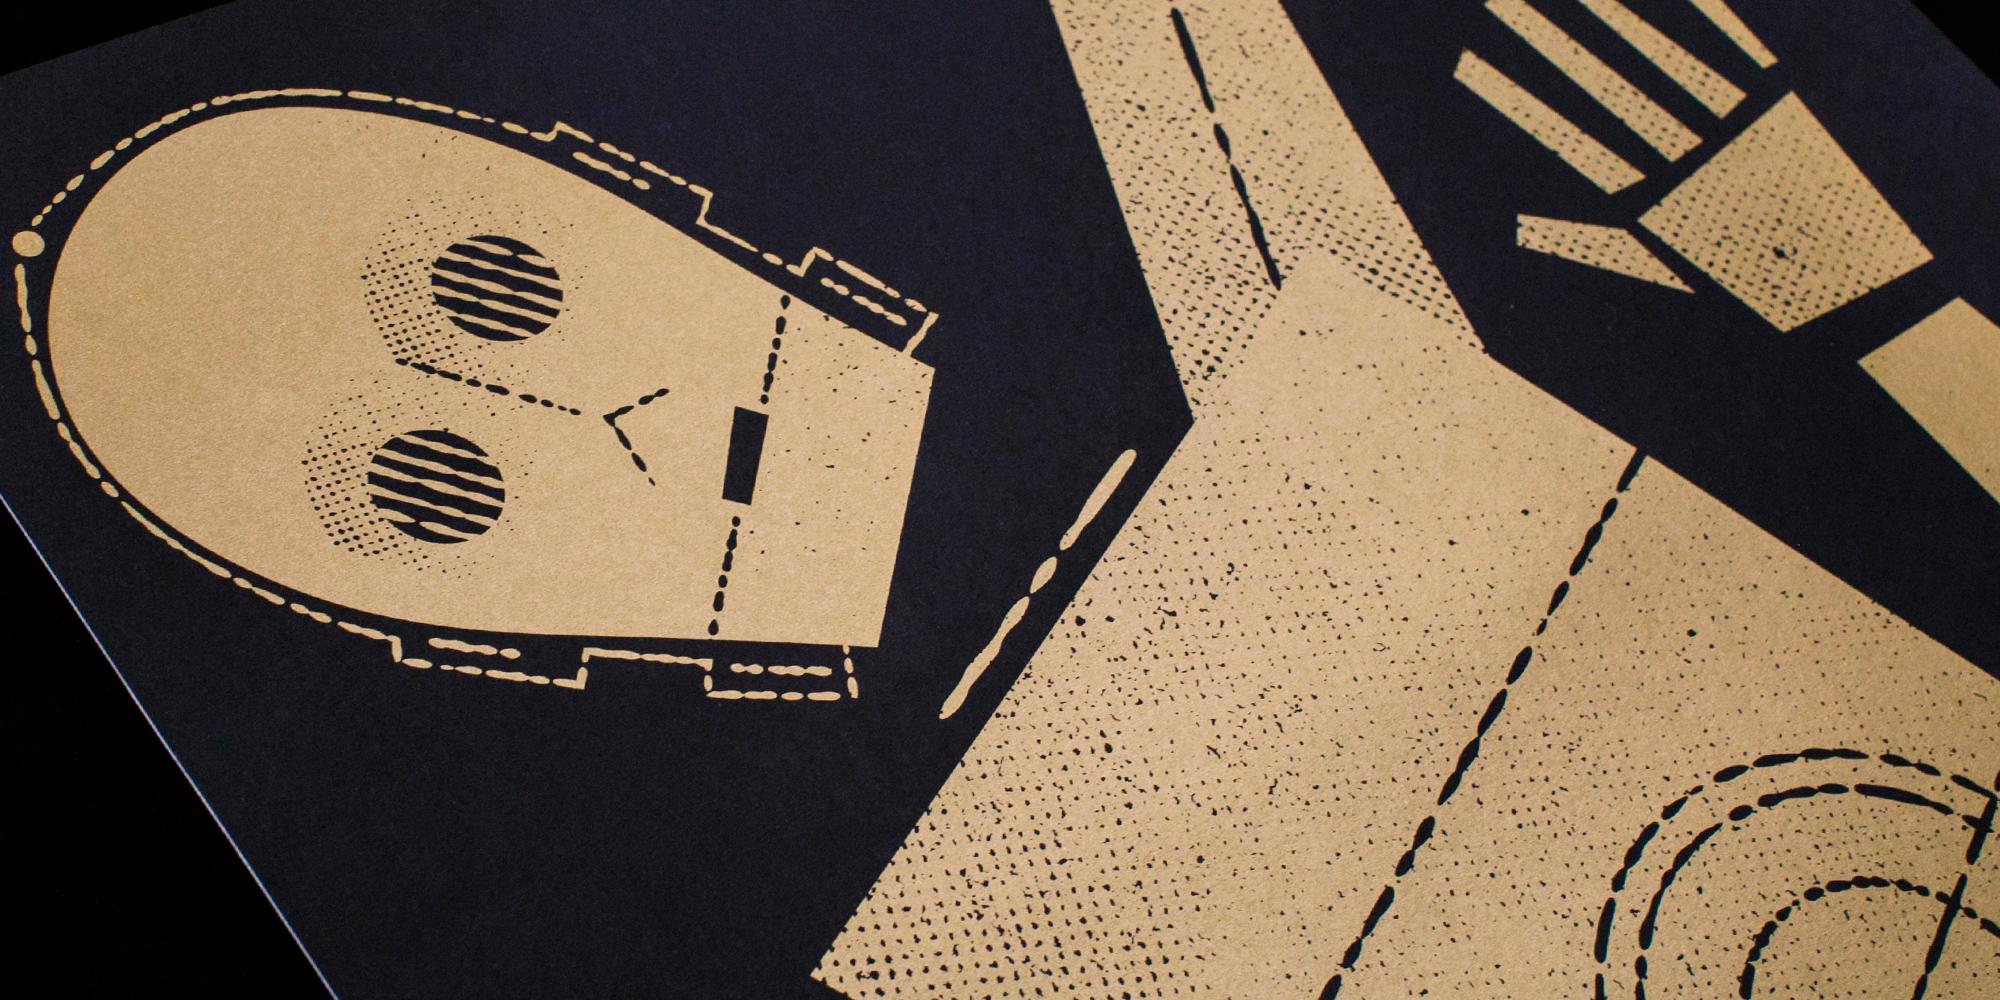 ty-mattson-star-wars-poster-detail-04